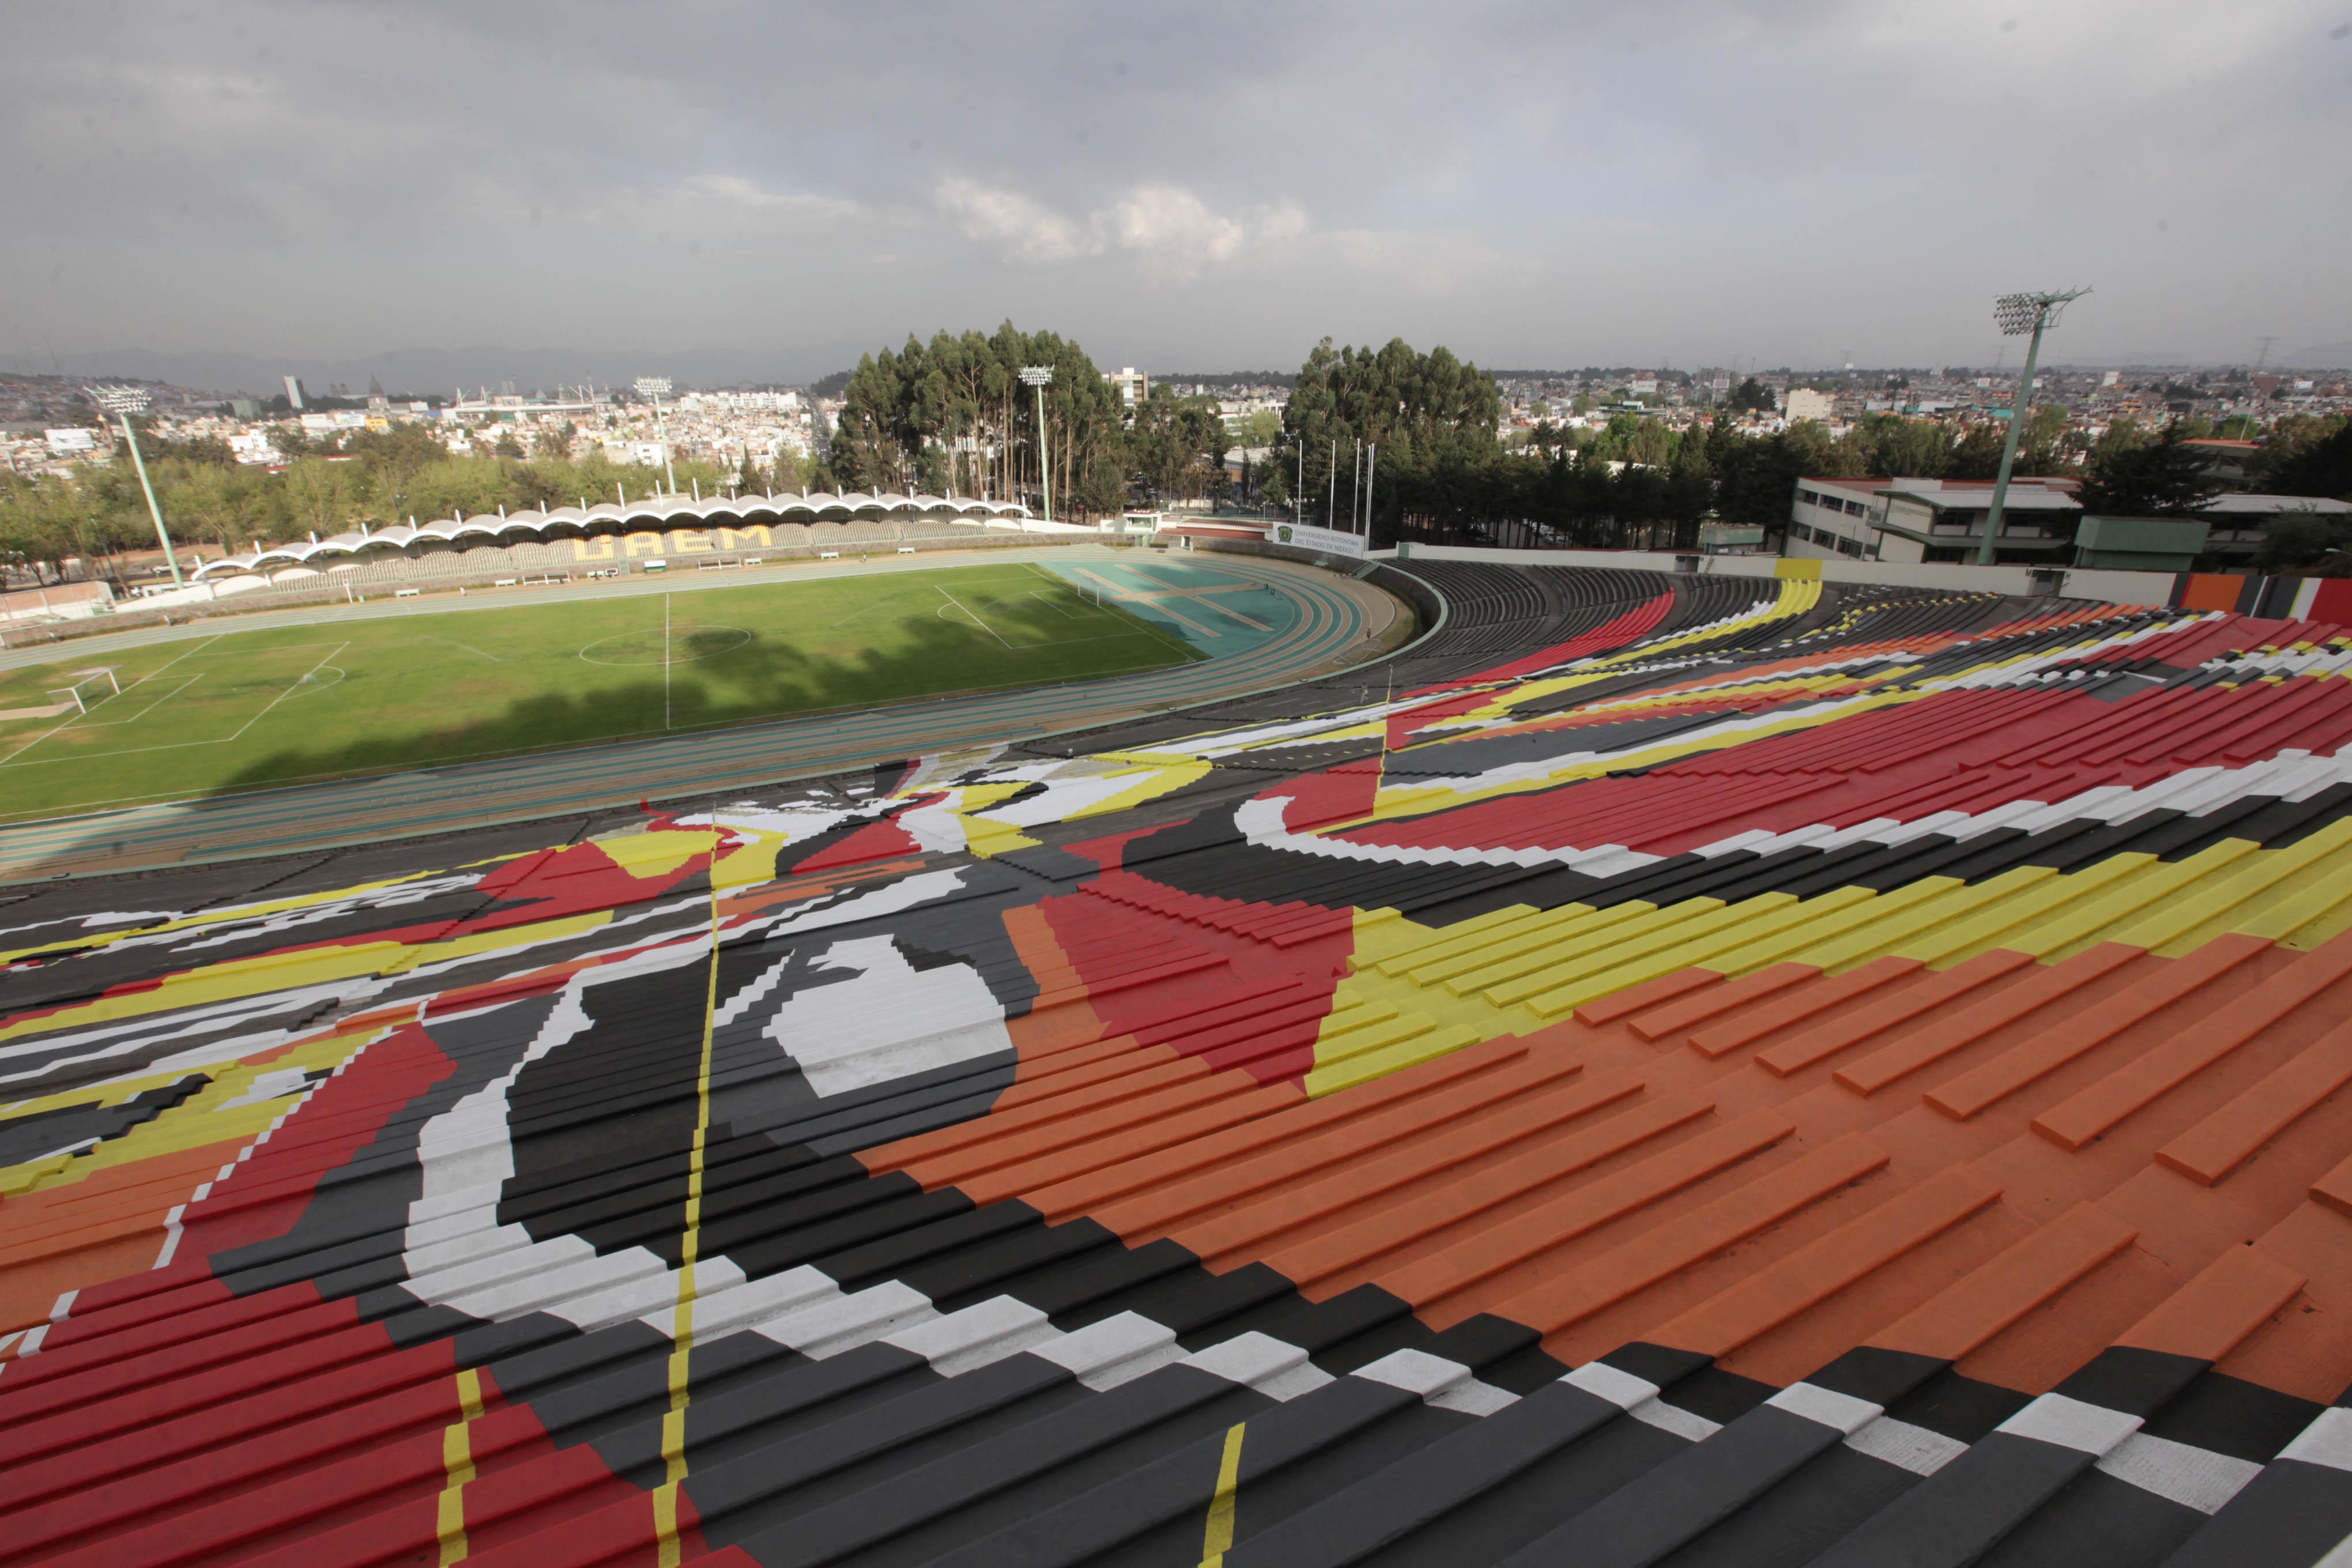 Ascenso MX, Potros UAEM, estadio, embutacar, mural, patrimonio cultural, 2017, para ascender